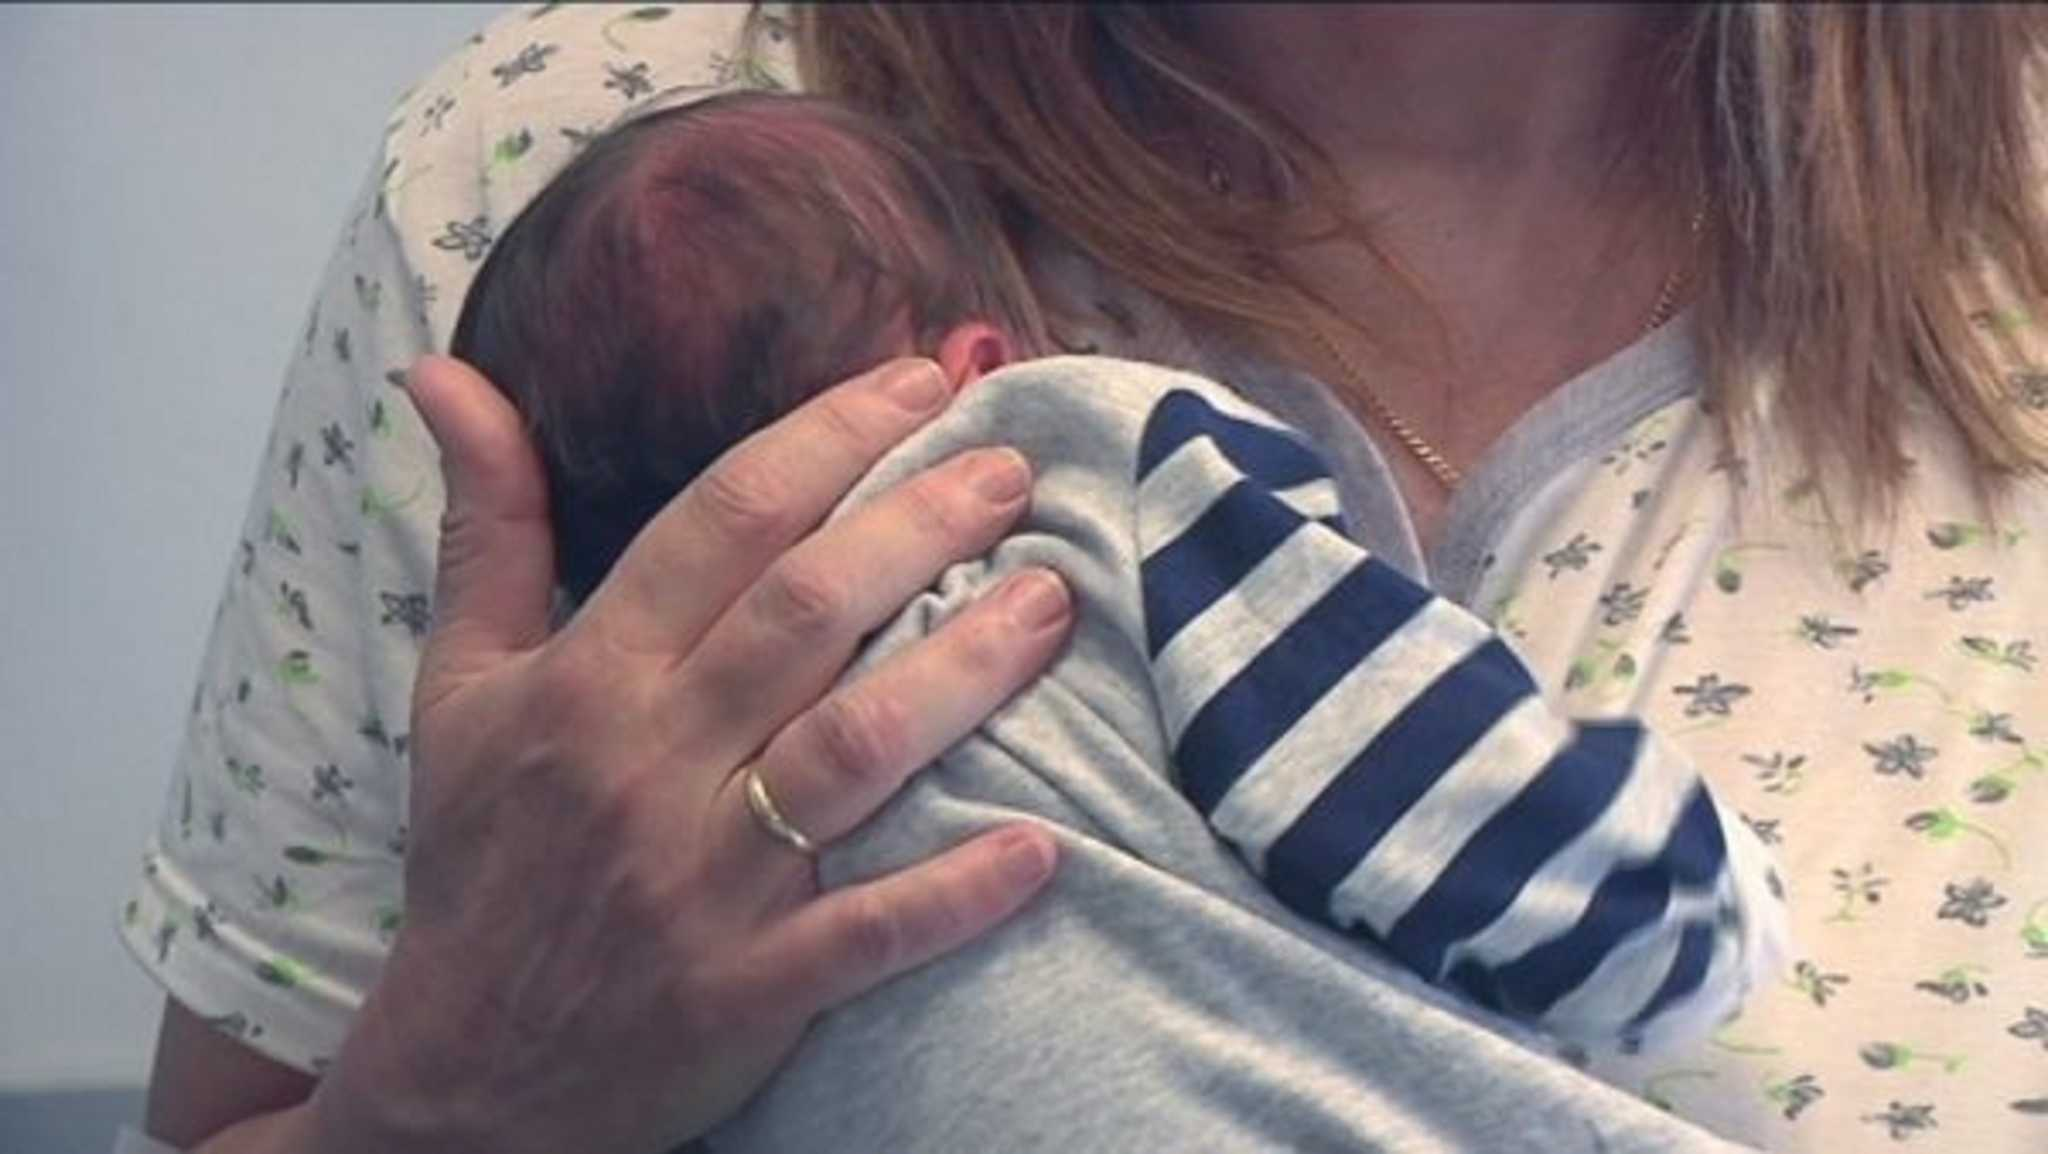 Πάτρα – Κορονοϊός: Γέννησε για τρίτη φορά – Ανακούφιση για τη μητέρα που νοσούσε